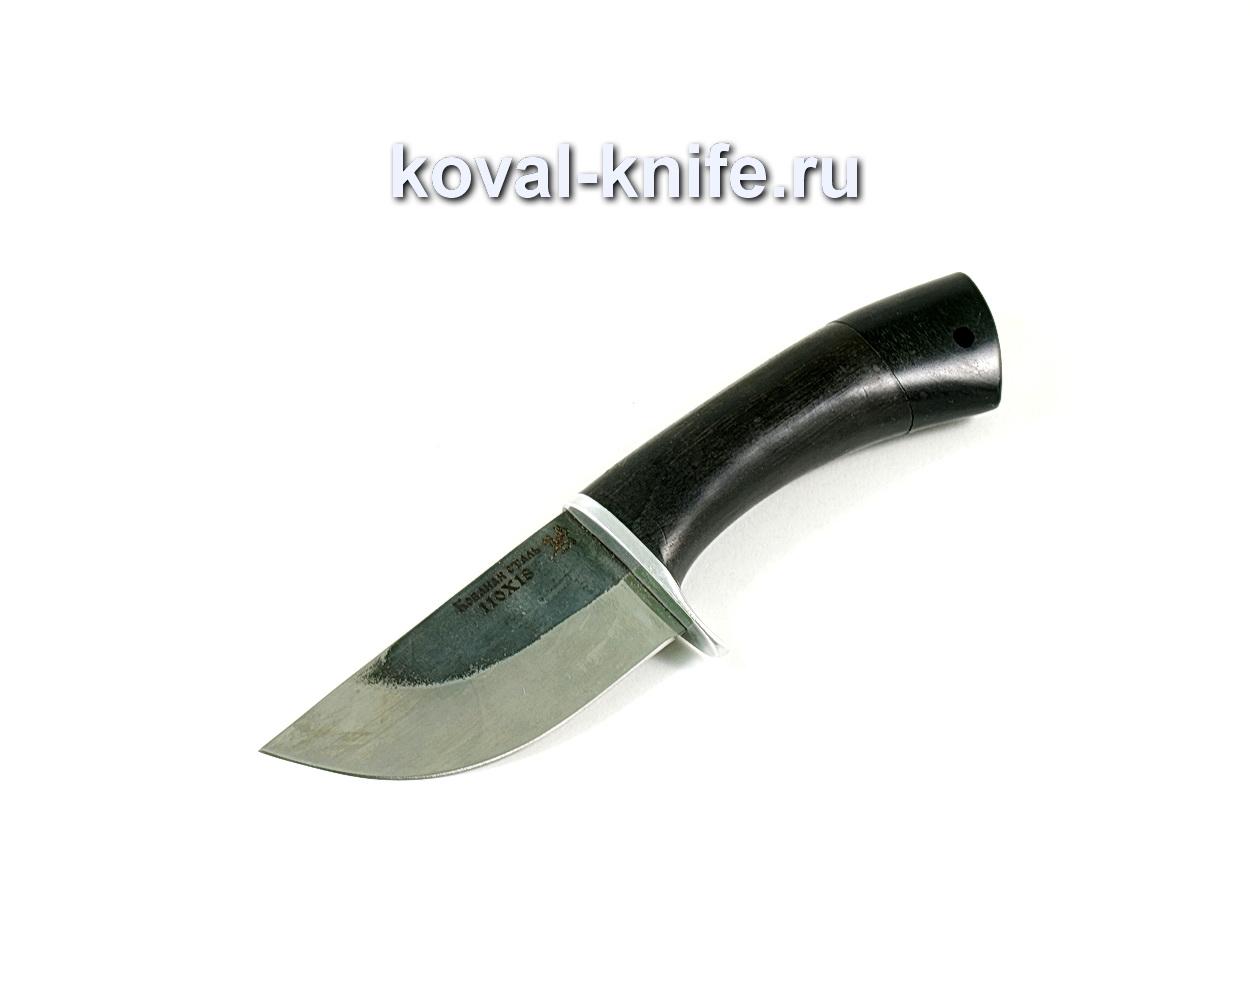 Нож Скин (сталь 110х18), рукоять граб A226